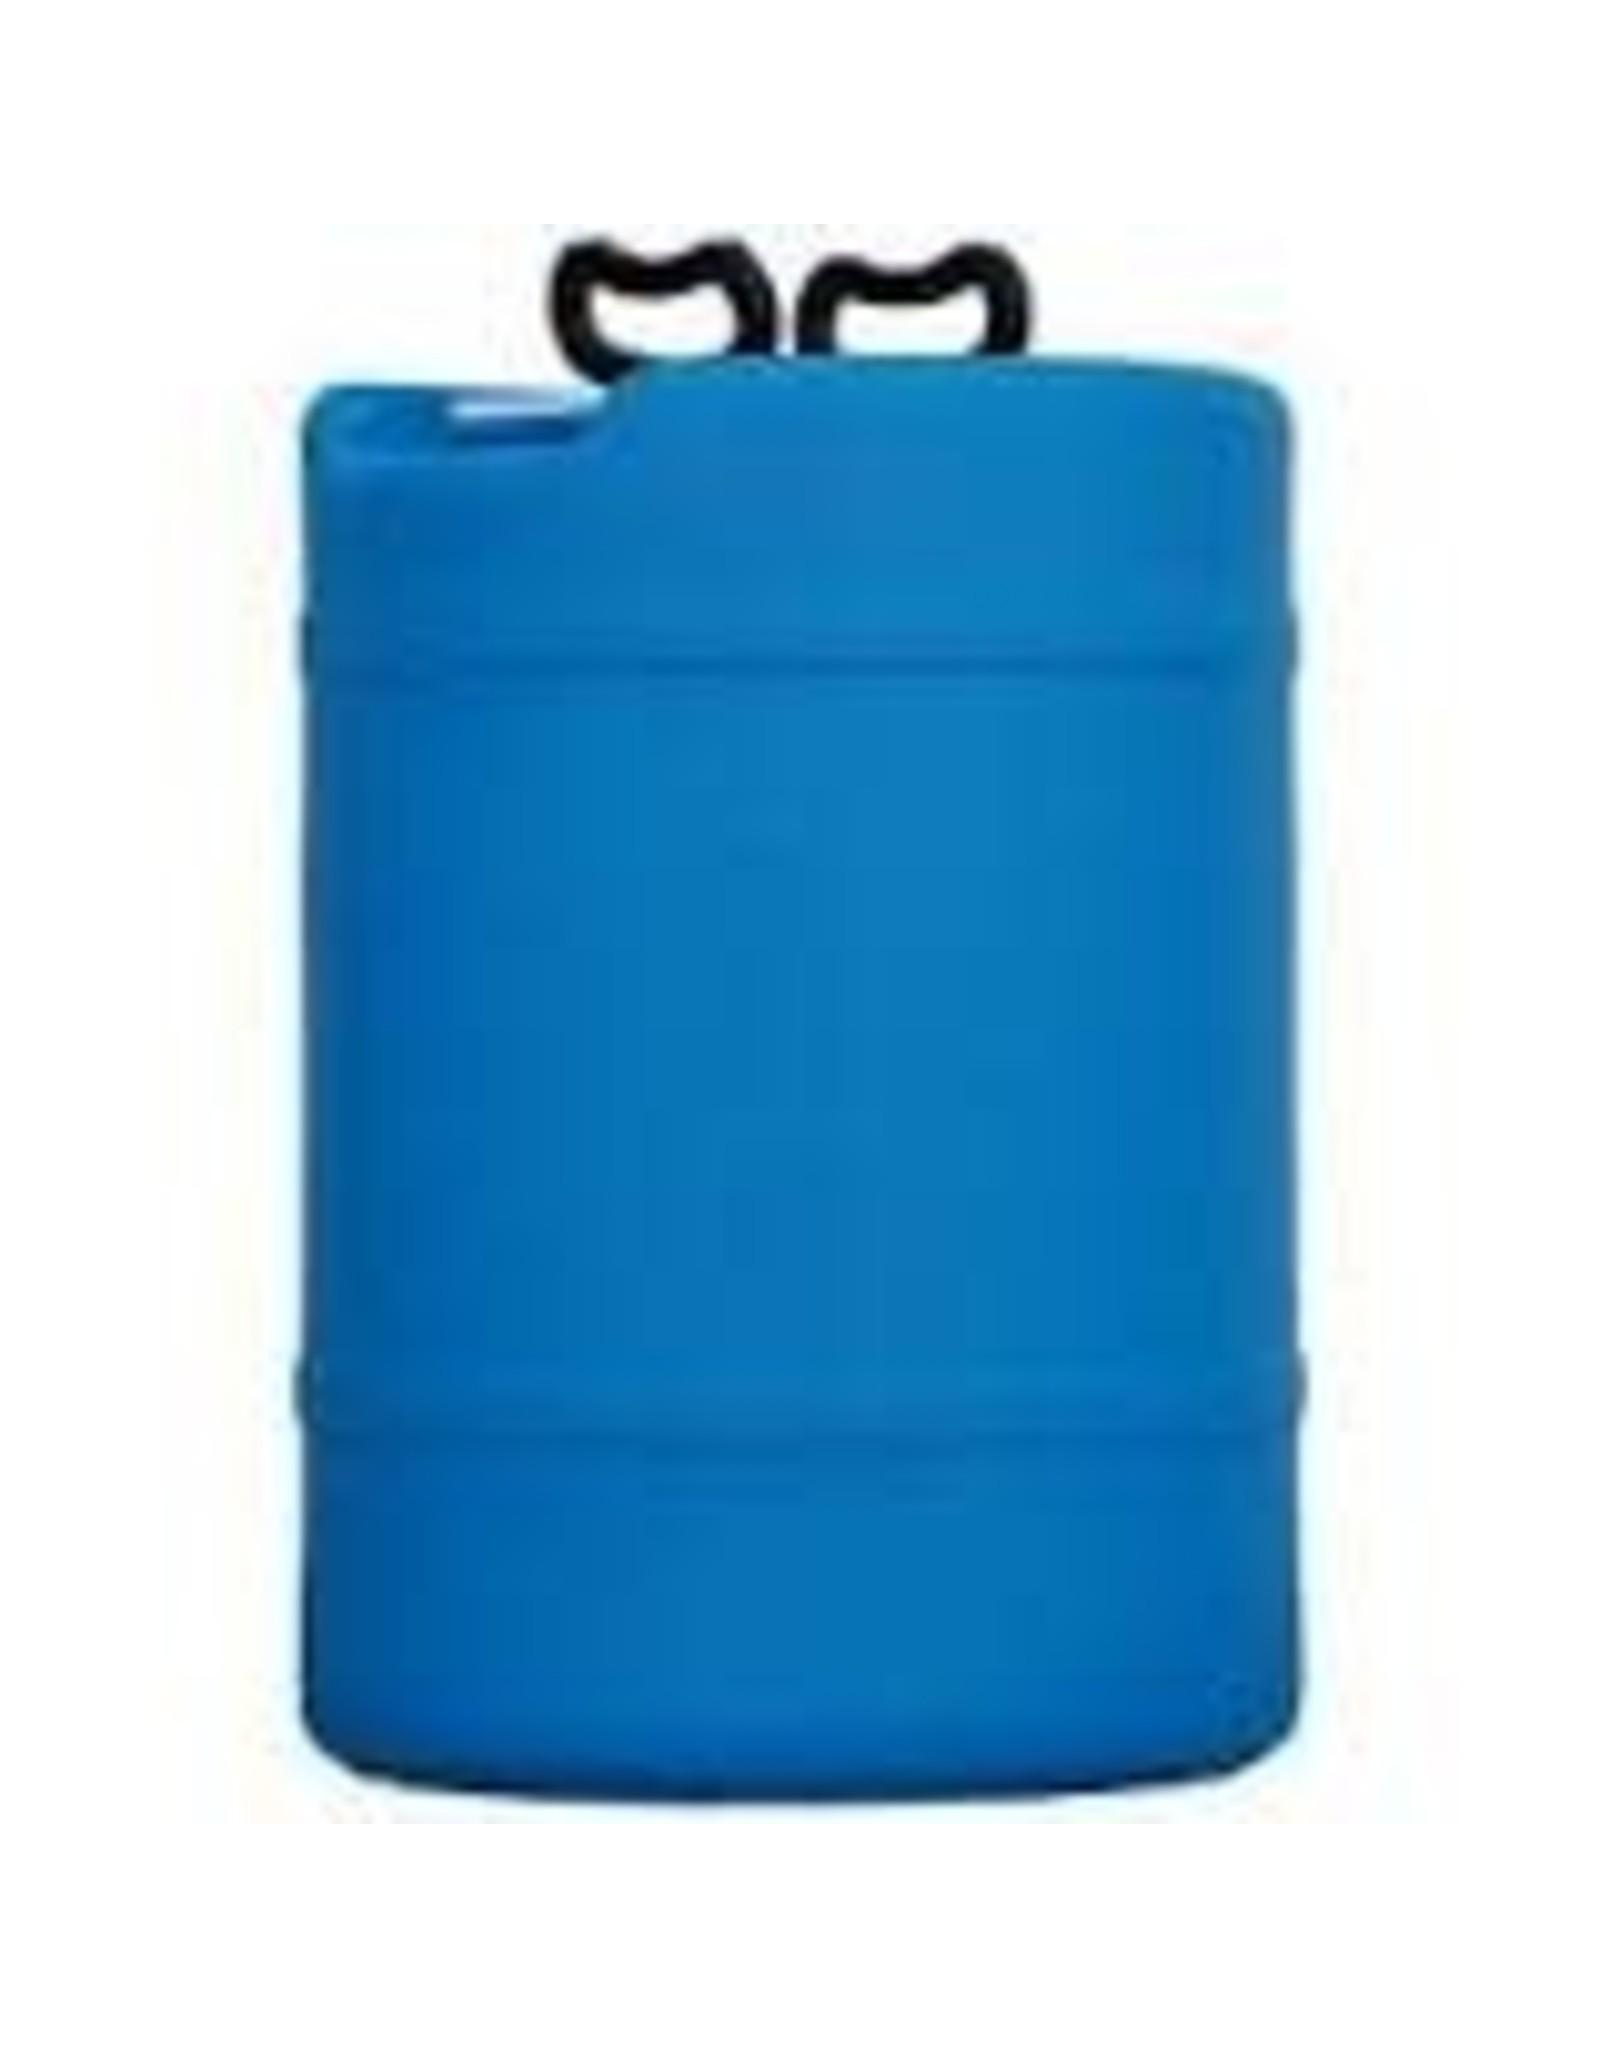 Affordable Barrels Barrel 15-20 Gallon Jug w/Handle